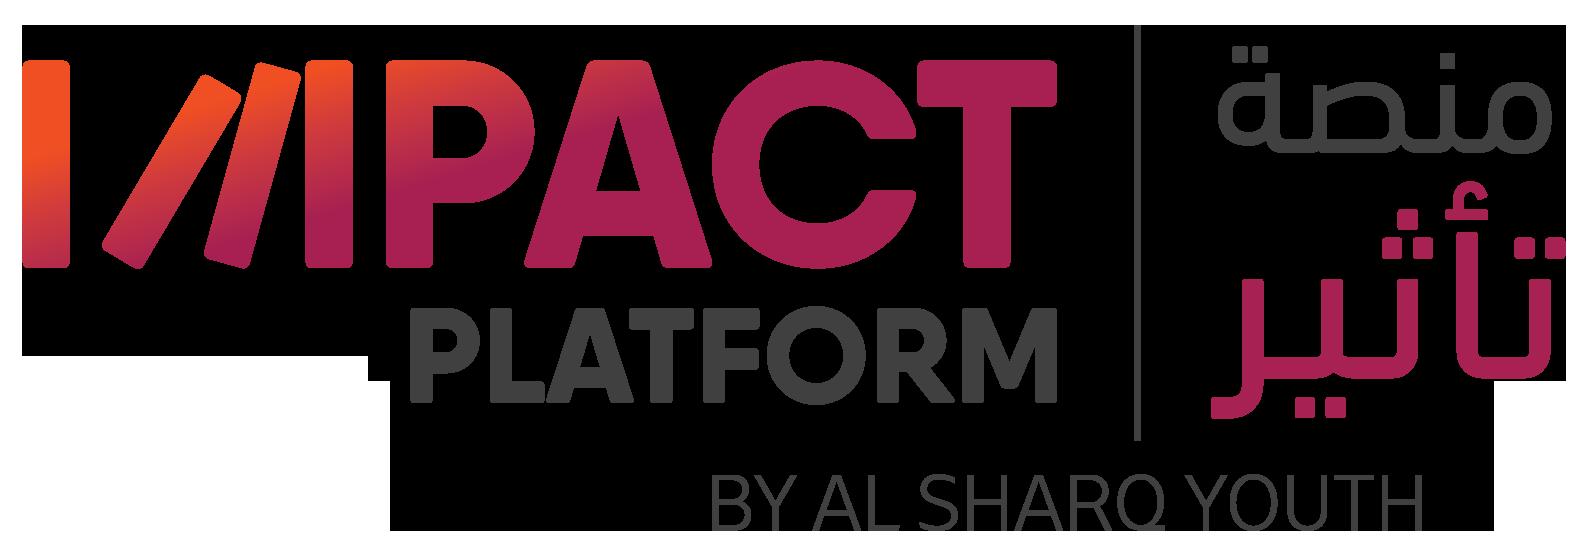 Impact Platform